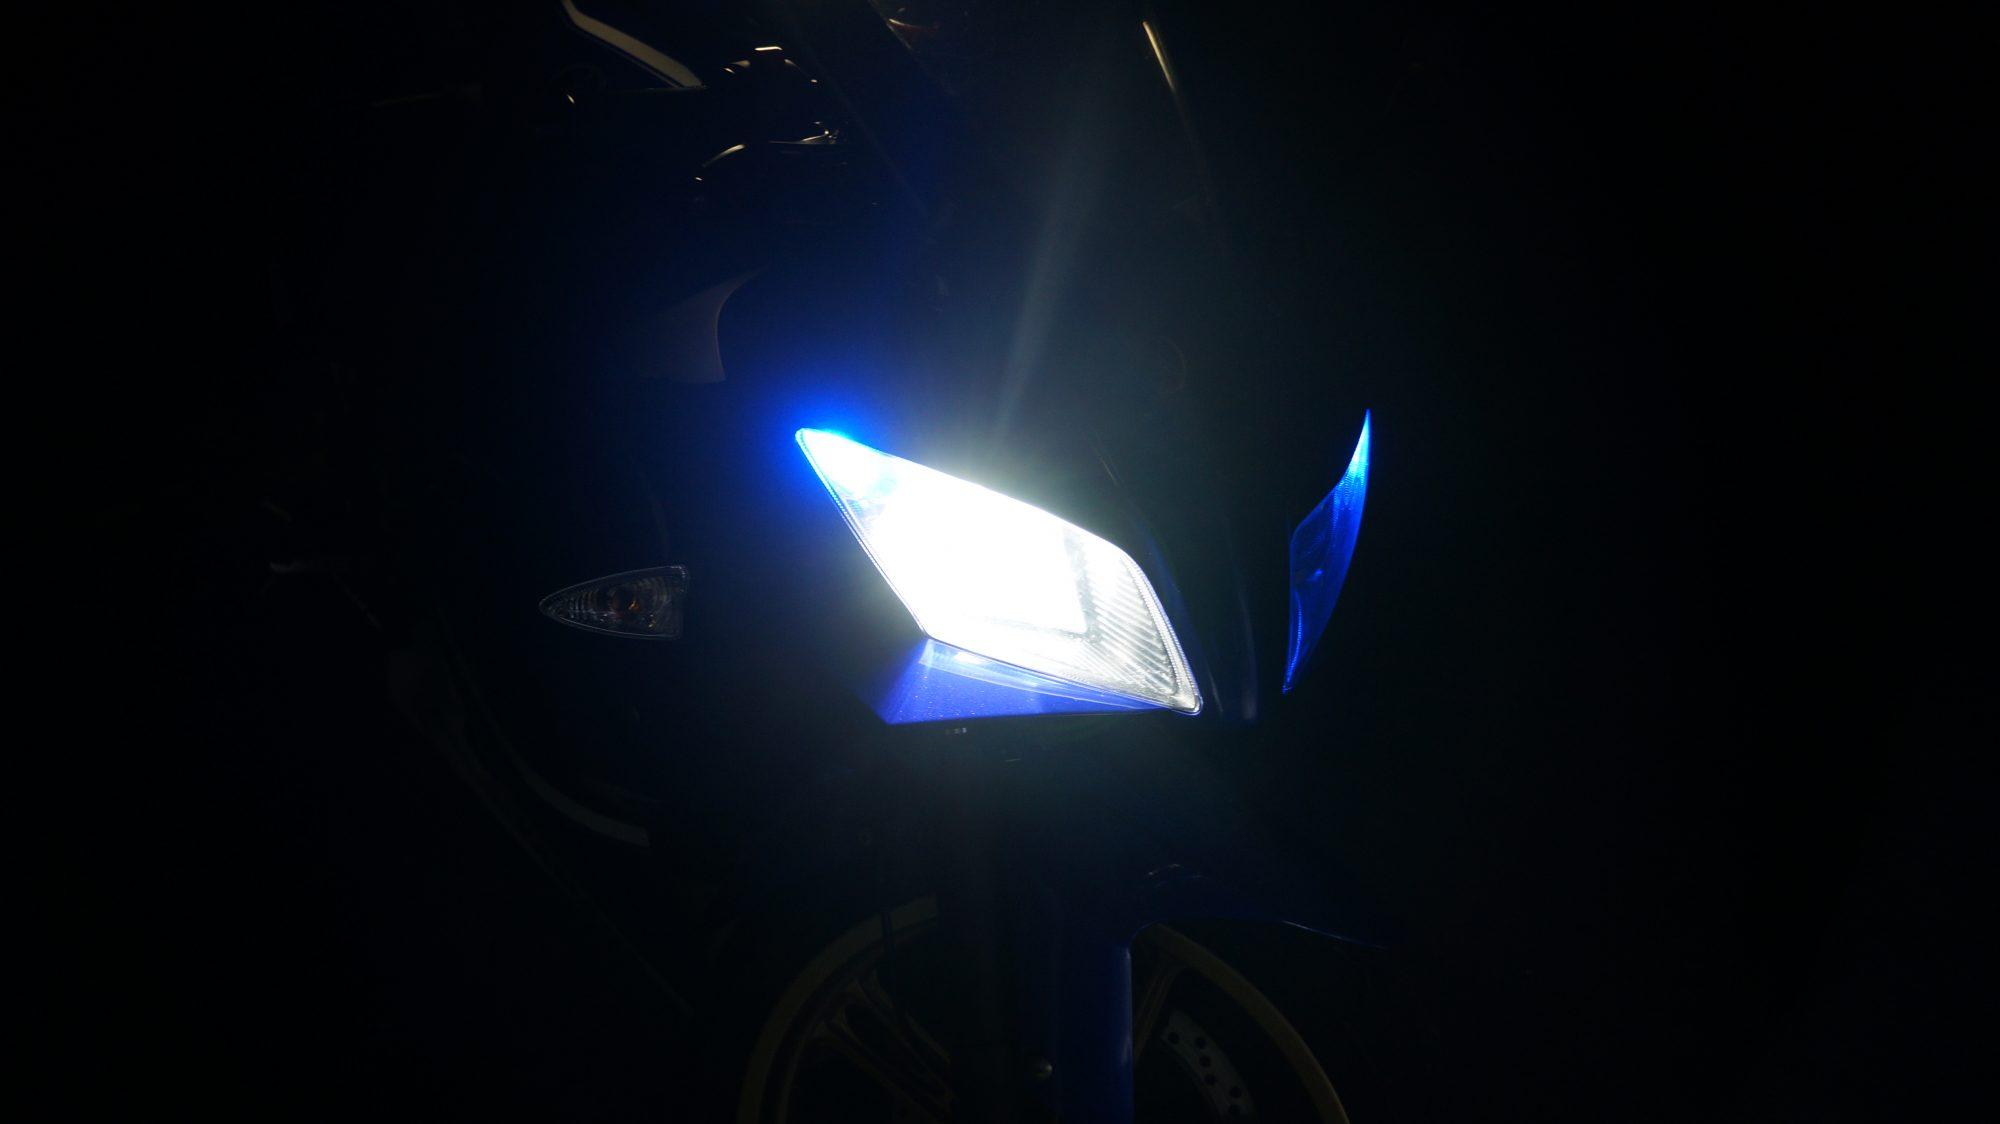 YZF-R125のヘッドライト(LOW側)LED化